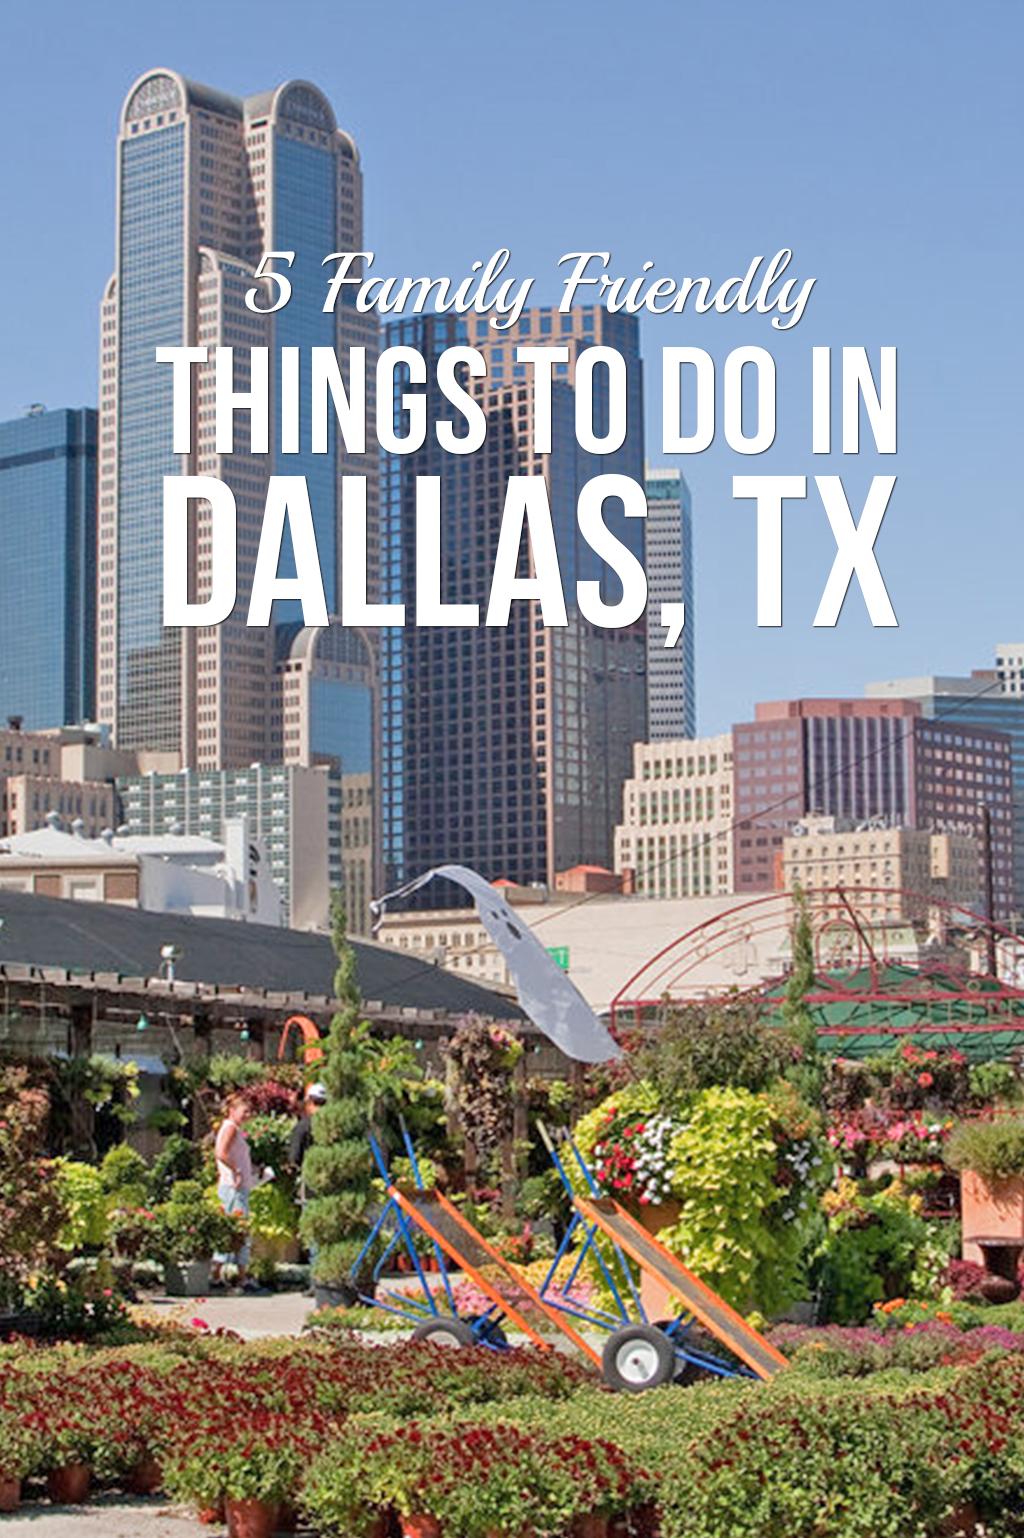 5 Family Friendly Events in Dallas